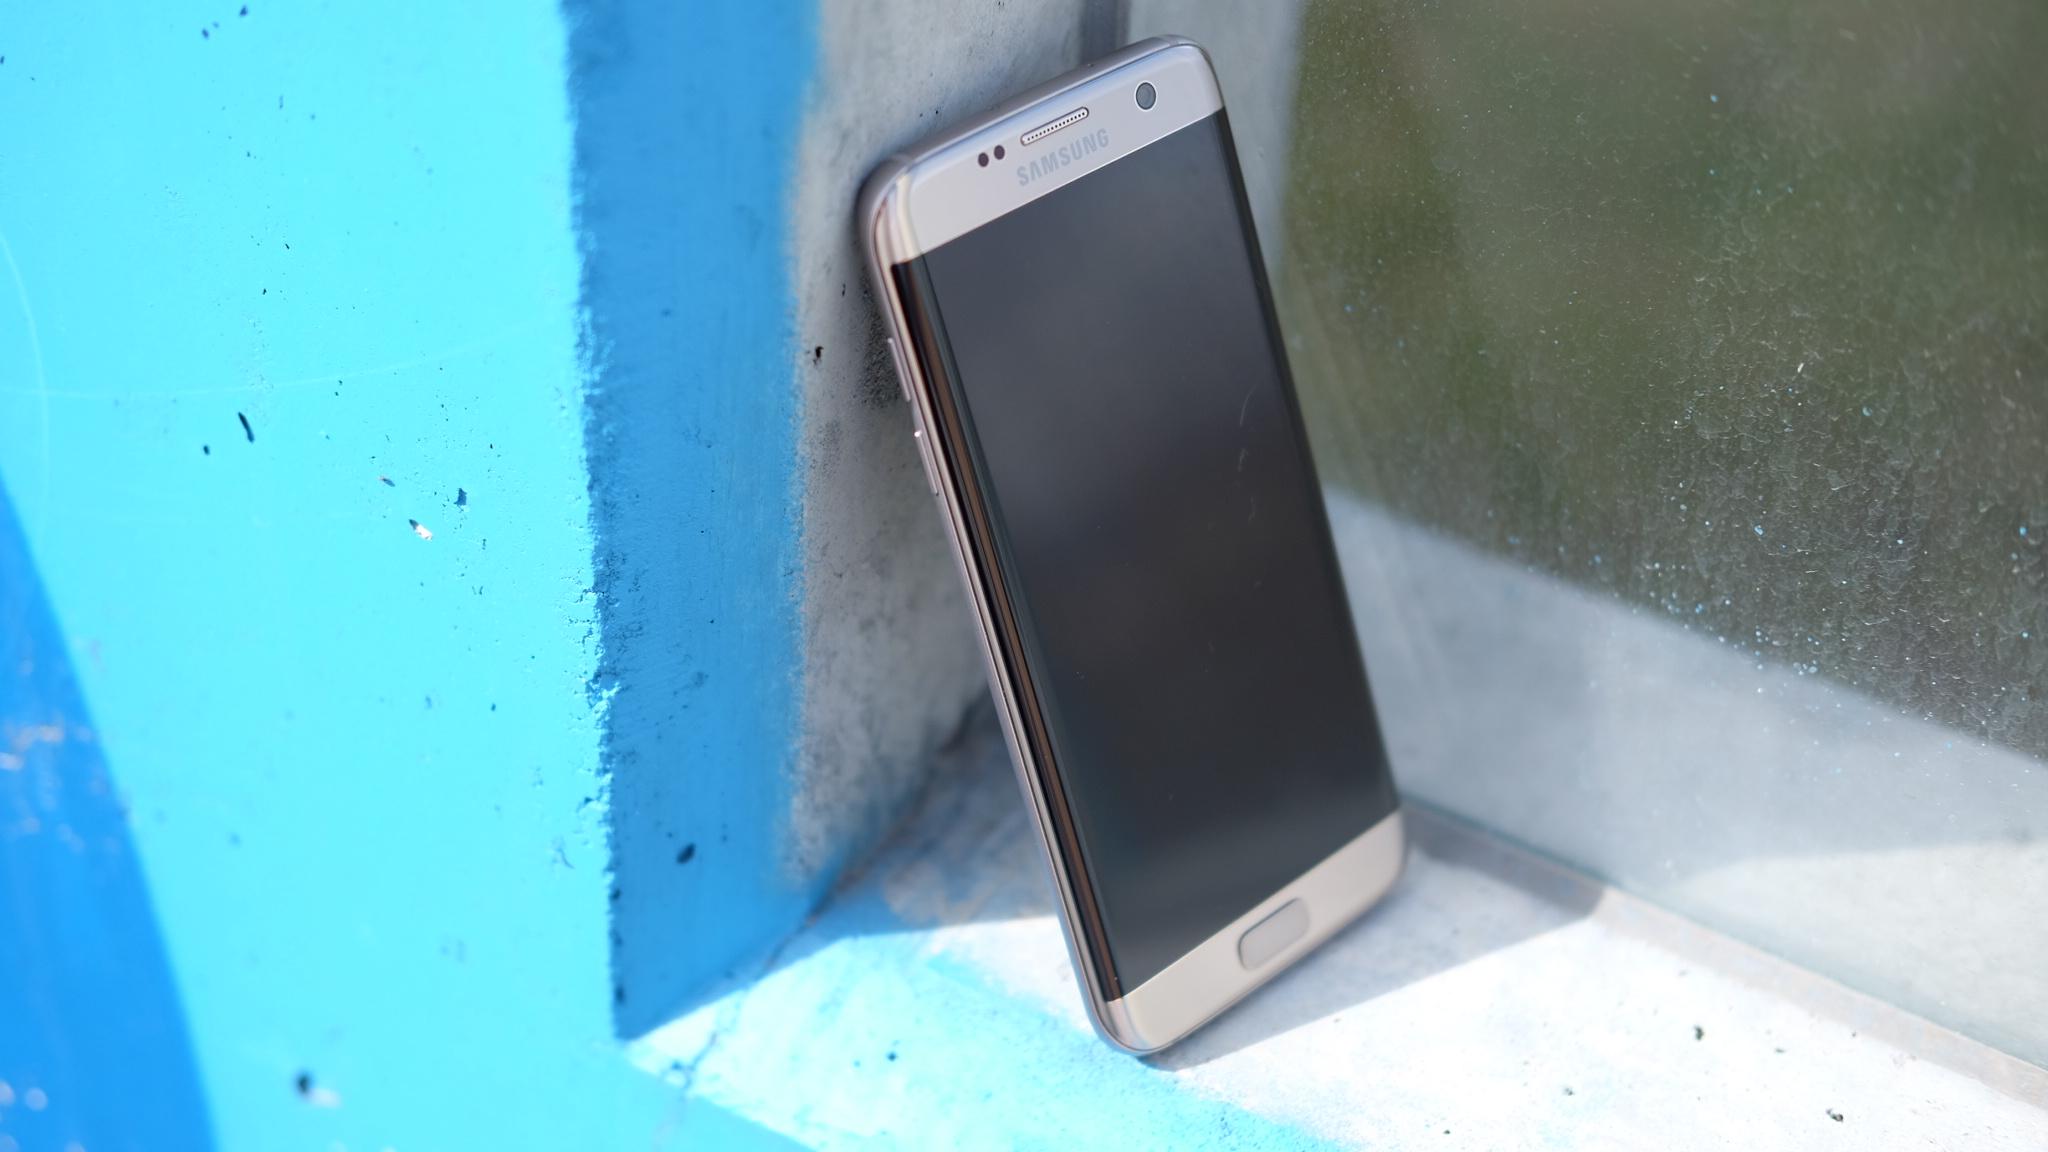 De som måtte bytte ut Note 7 med Galaxy S7 får et plaster på såret i form av programvare.